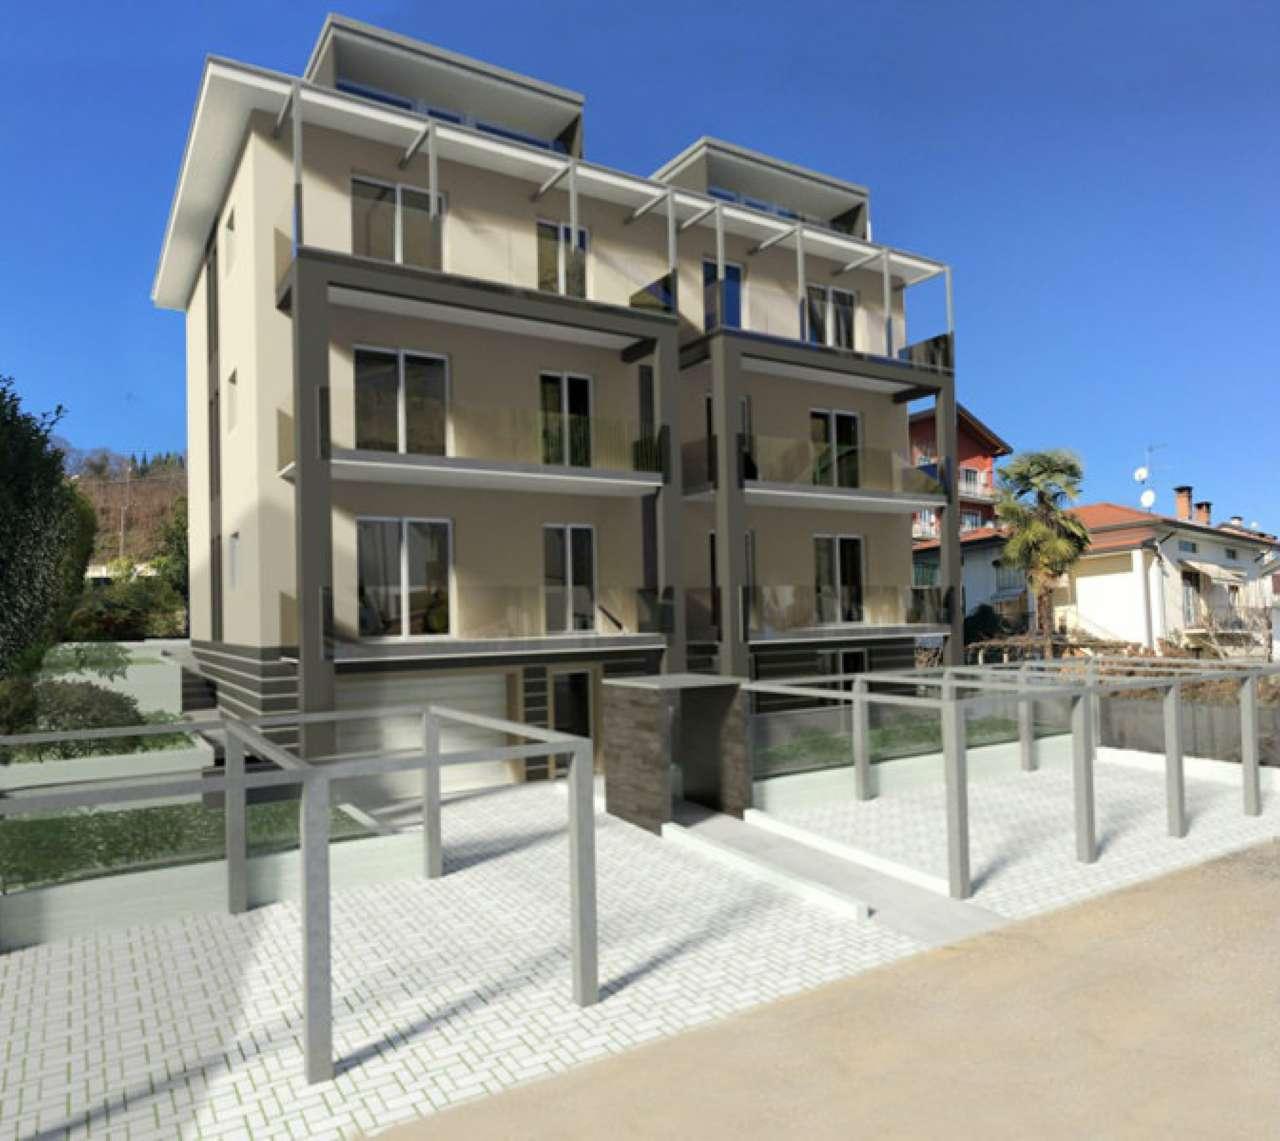 Appartamento in vendita a Dormelletto, 2 locali, prezzo € 110.000 | CambioCasa.it